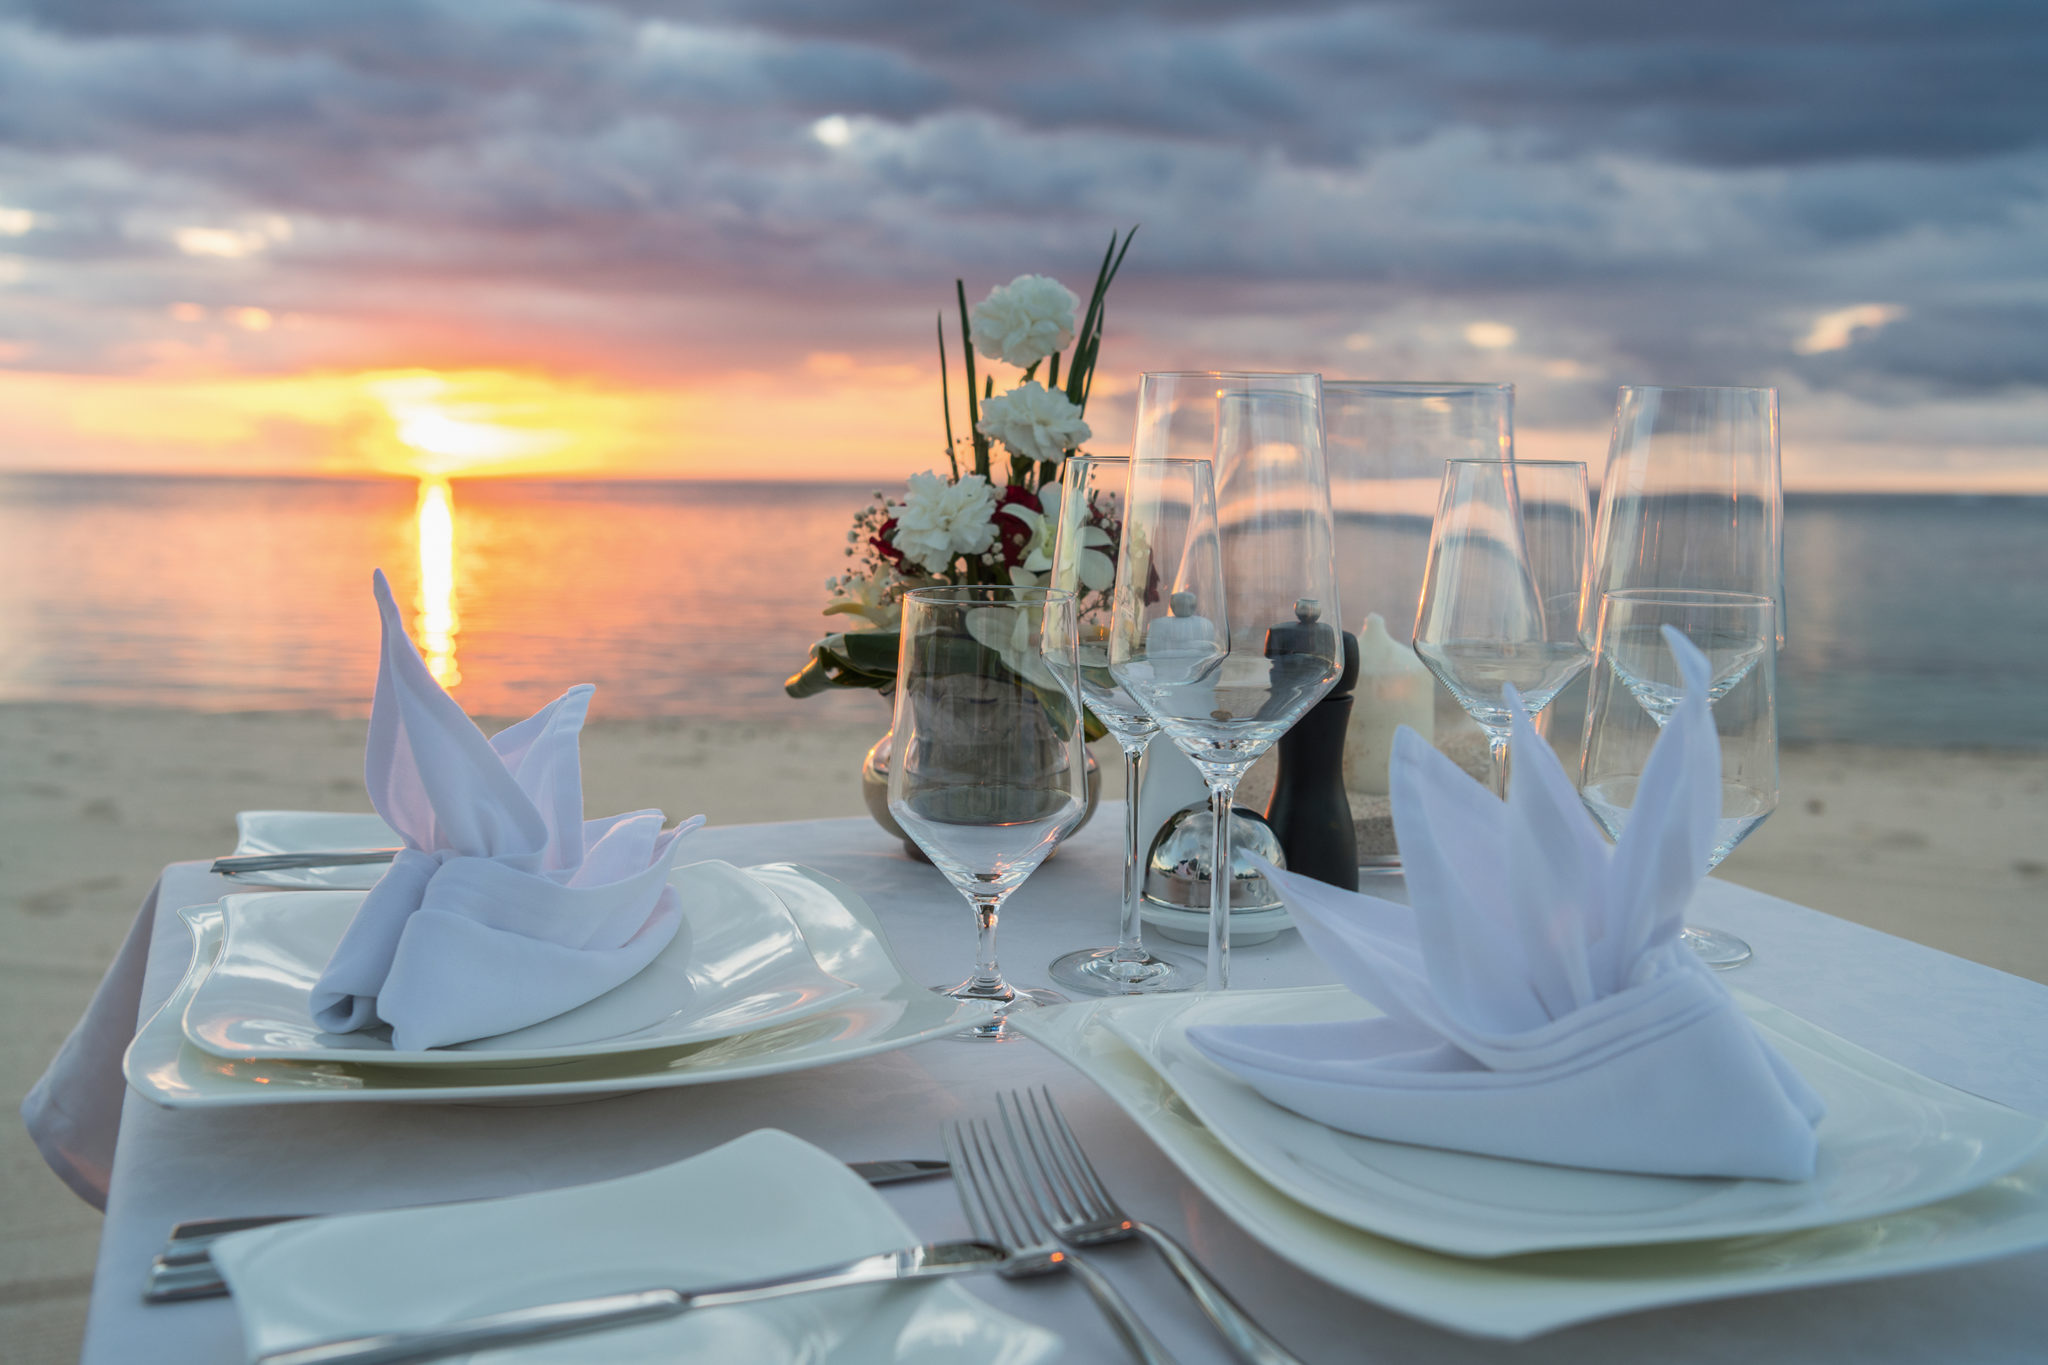 Gedeckter Tisch am Strand für Dinner nach der Hochzeit